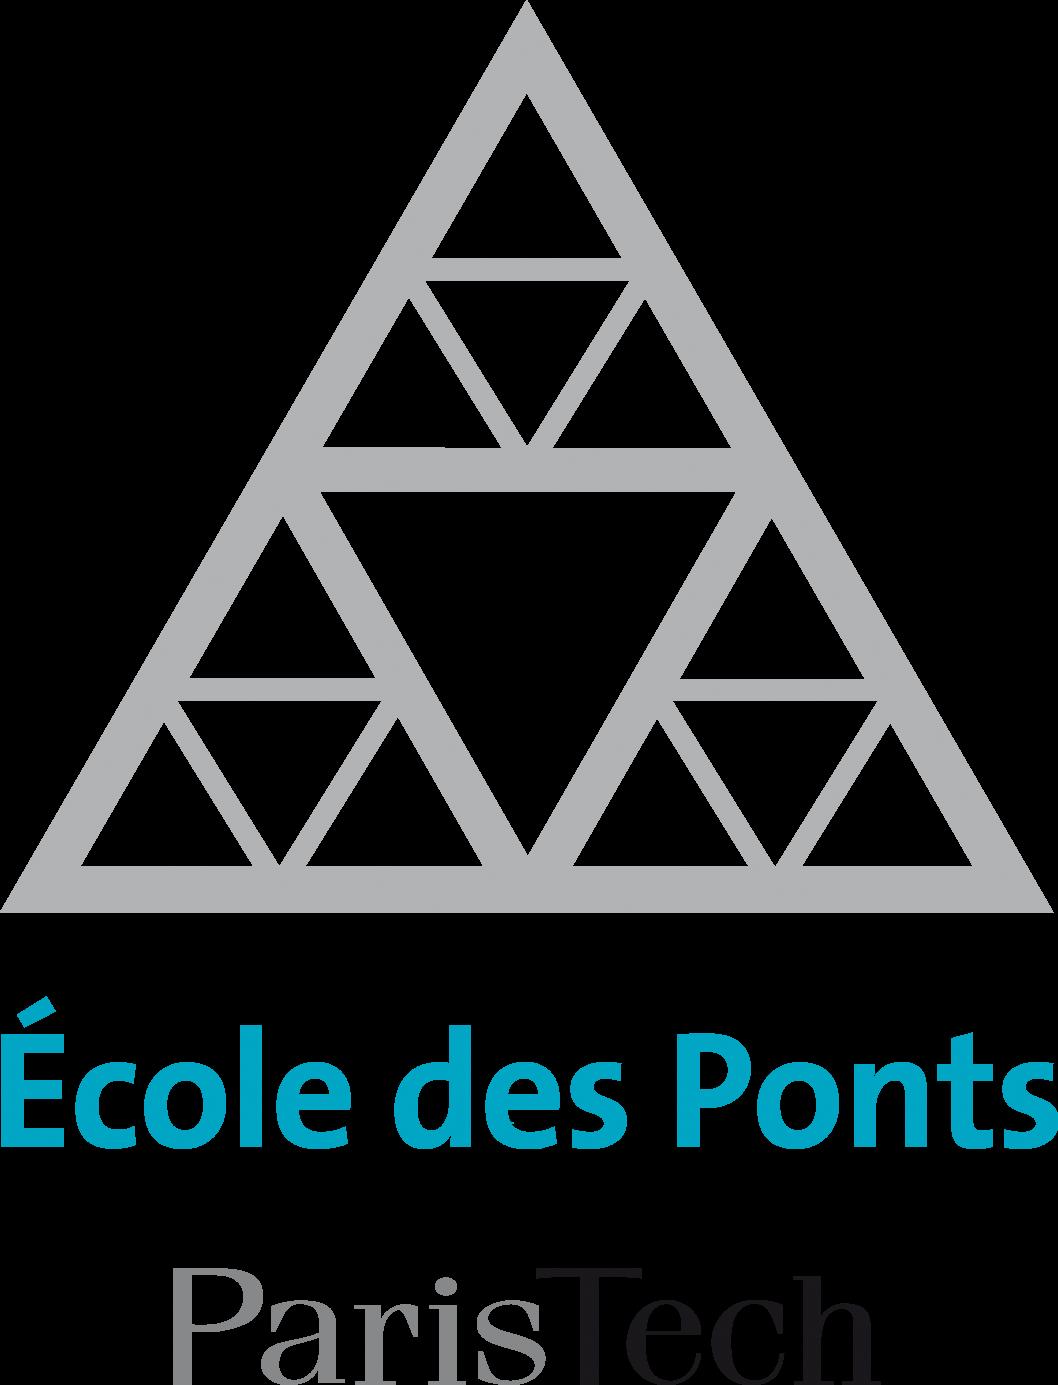 L'Ecole Nationale Des Ponts et Chaussées